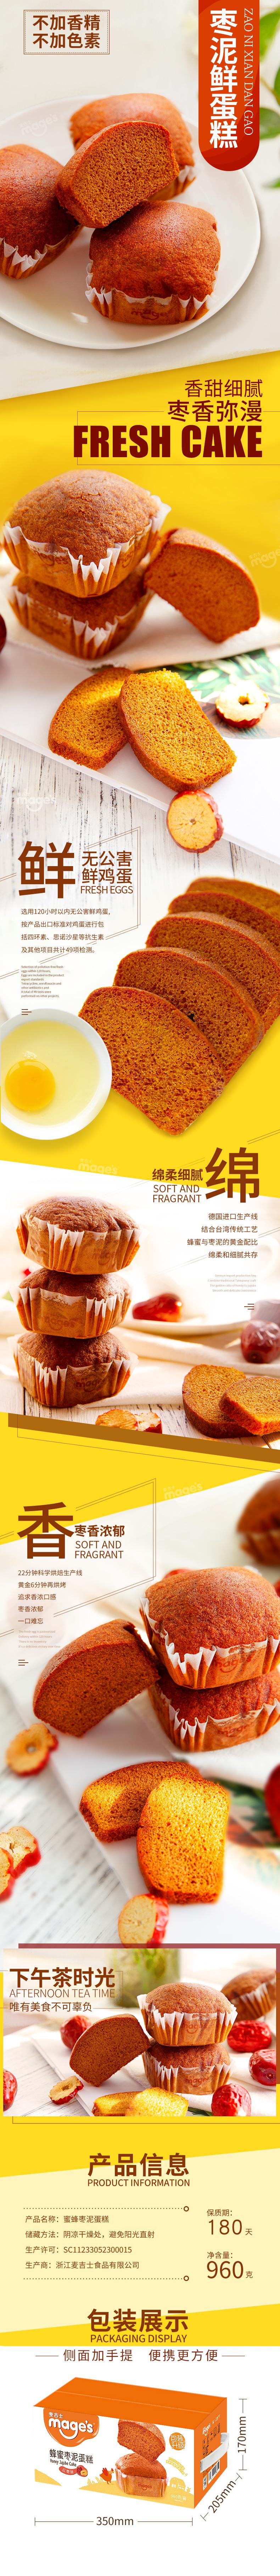 蛋糕糕点食品详情页